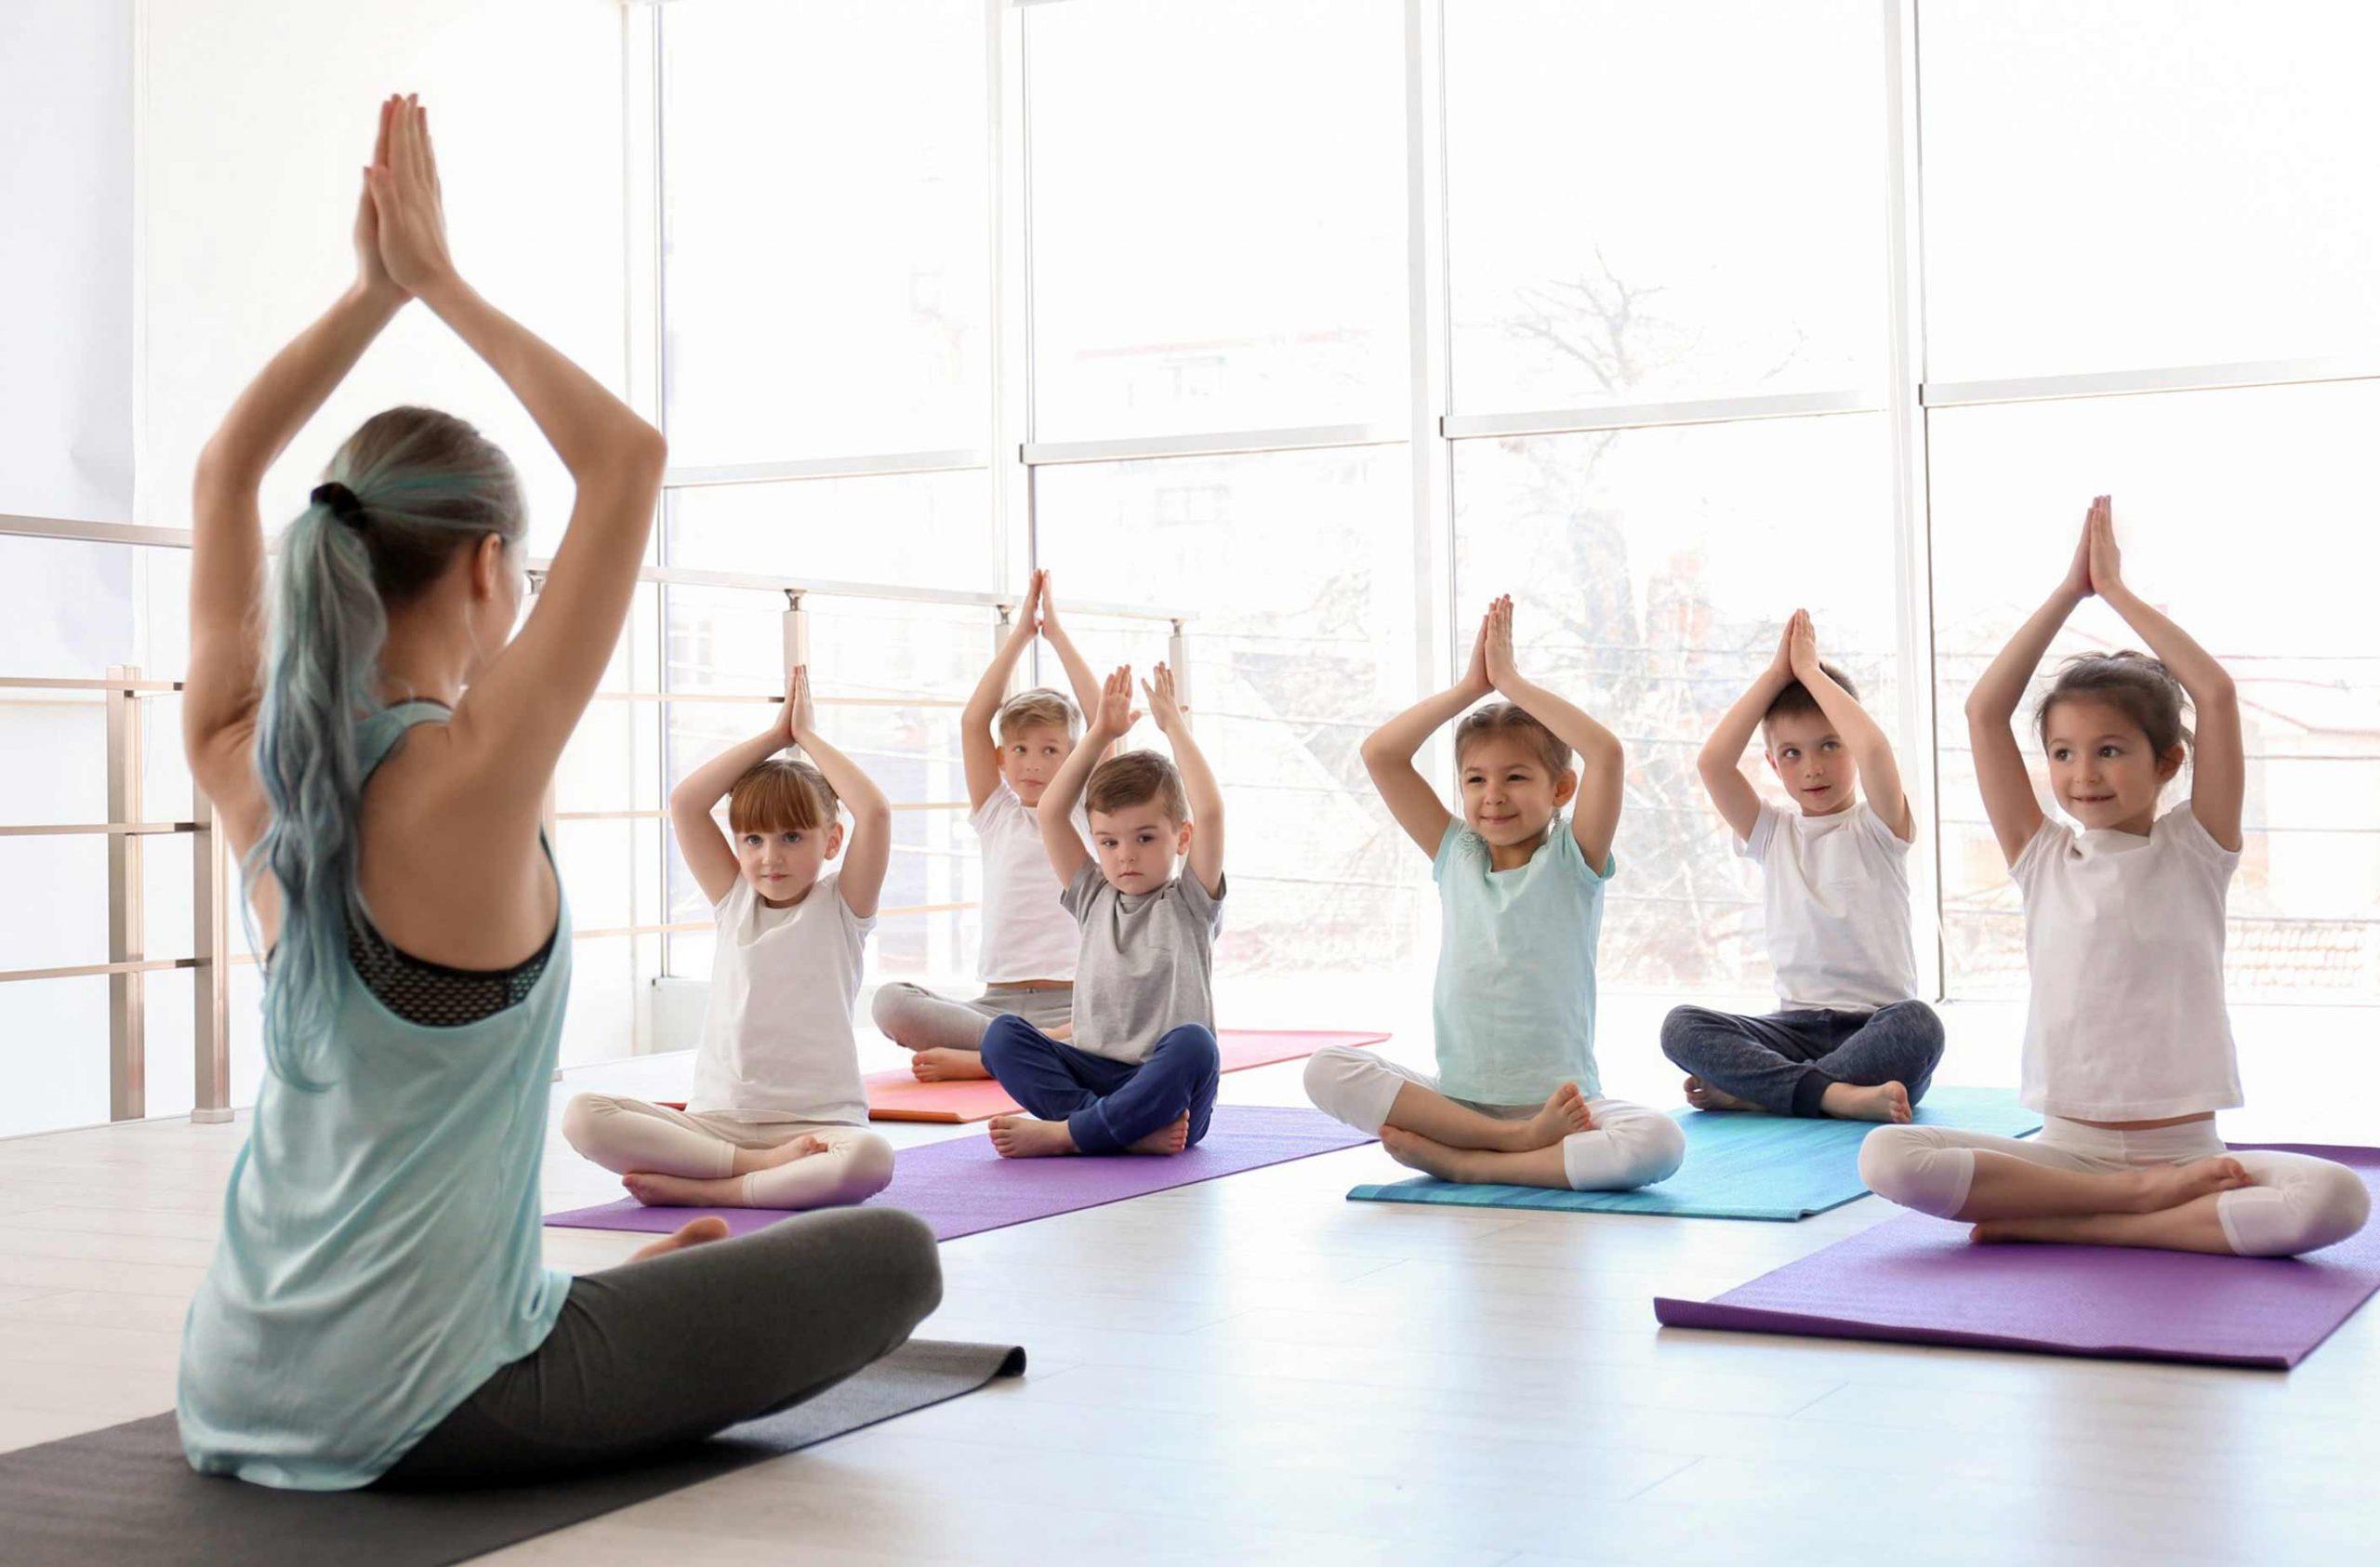 Ankara Studio Venüs Sirius'daki Çocuk Yogası Dersleri ile Çocuklarınızın Gelişimine Katkı Sağlayabilirsiniz.